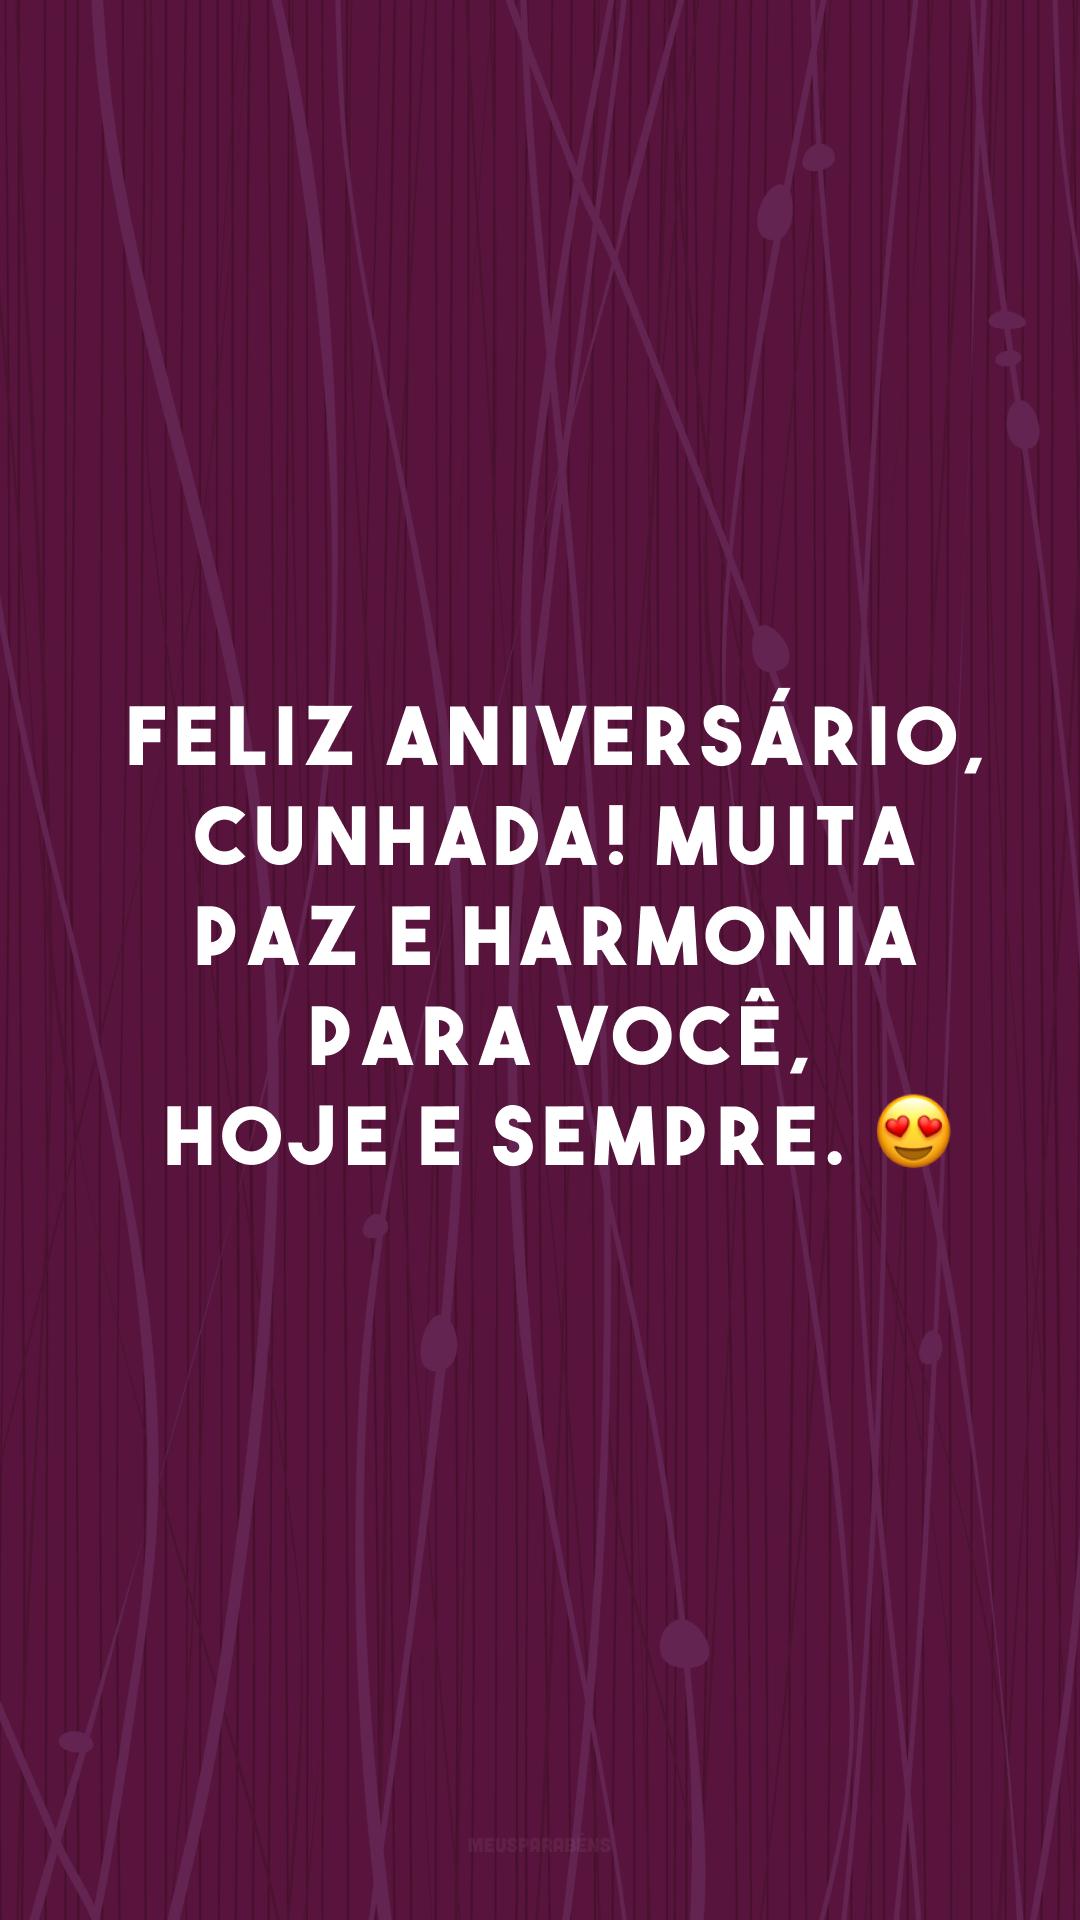 Feliz aniversário, cunhada! Muita paz e harmonia para você, hoje e sempre. 😍